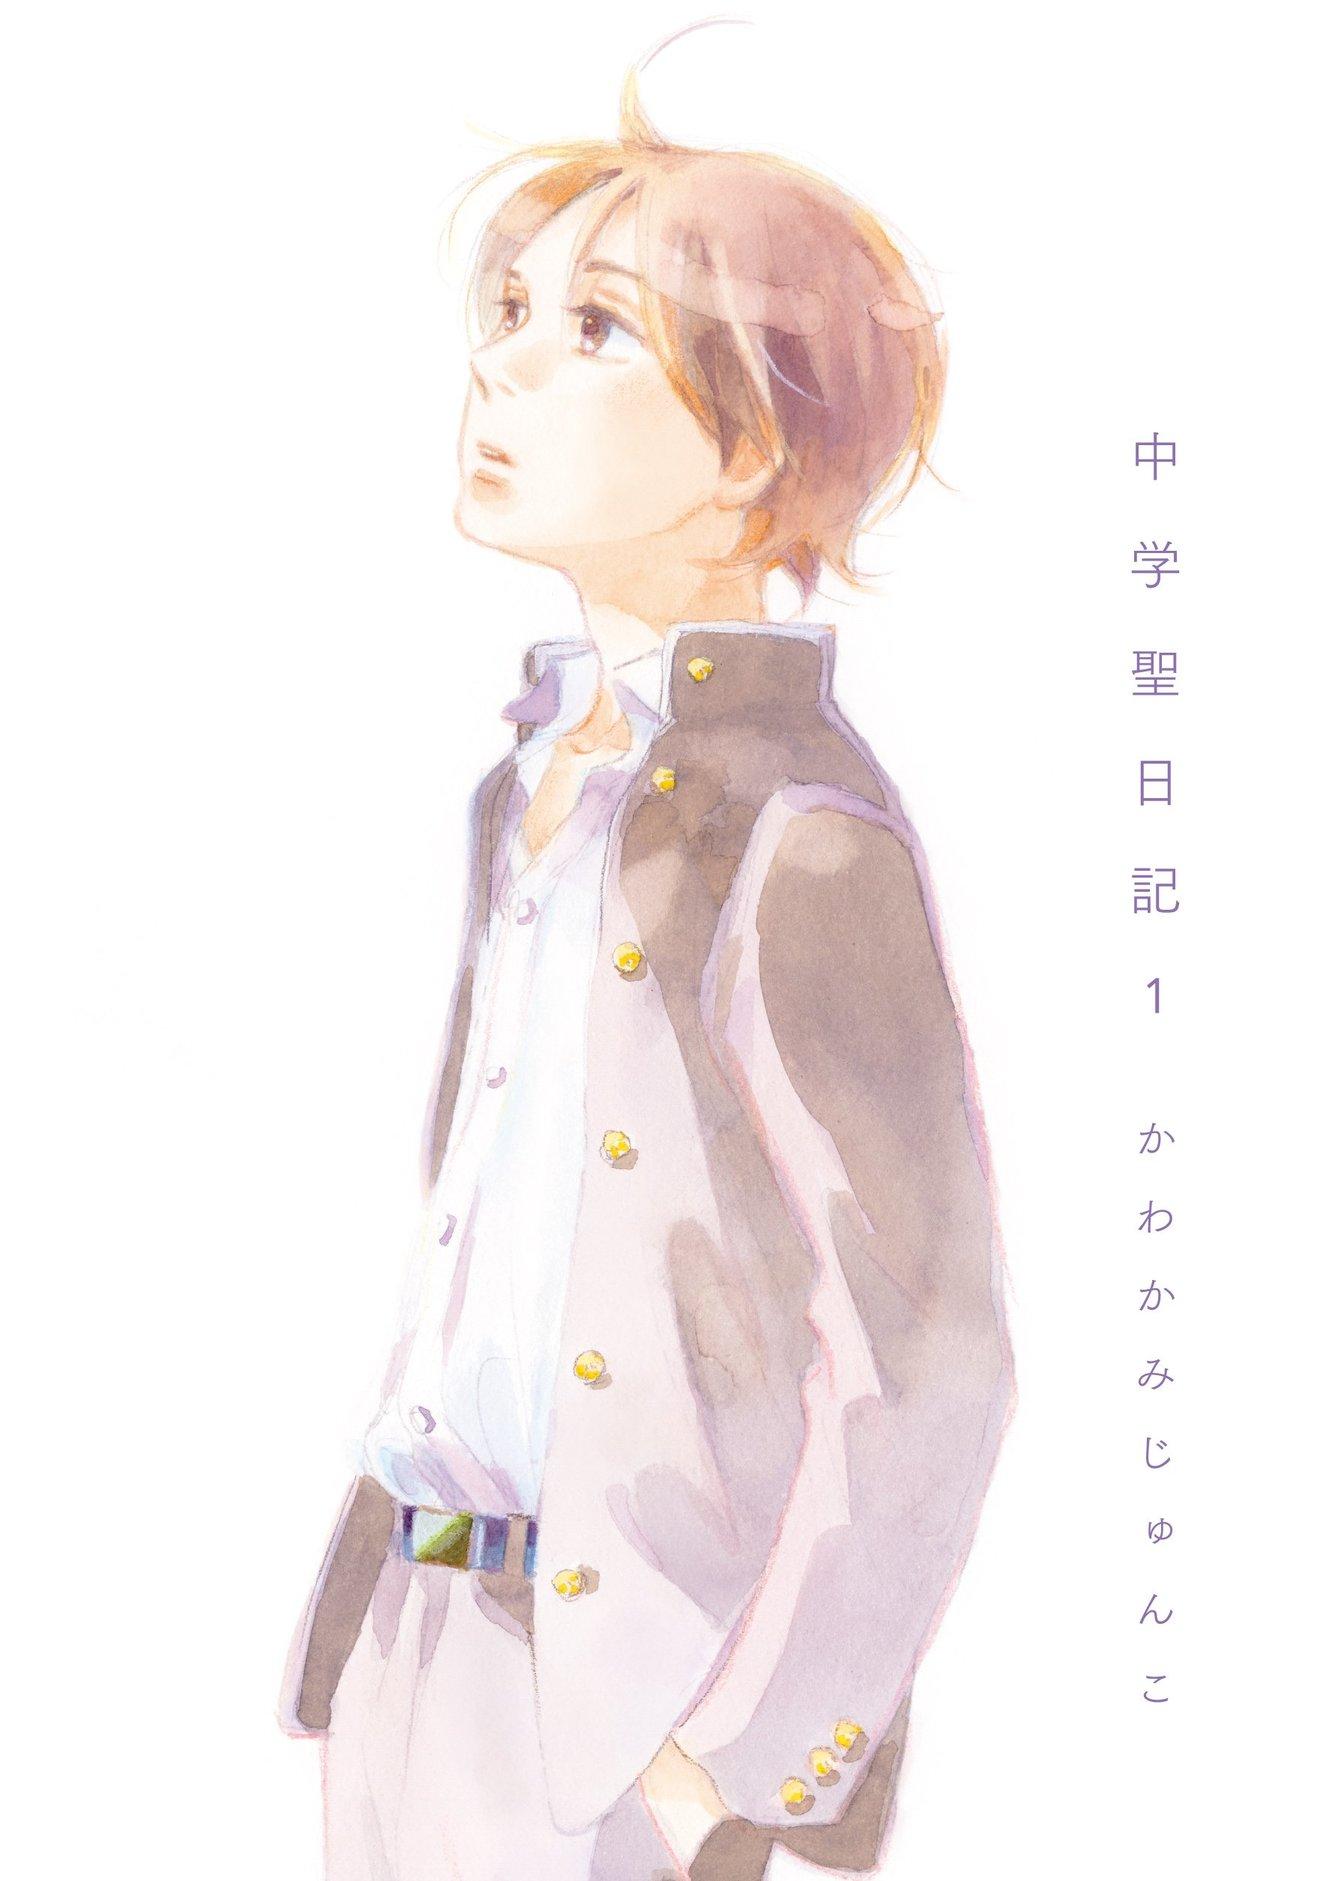 『中学聖日記』の魅力を全巻ネタバレ紹介!切ない心理描写の、生徒×教師漫画